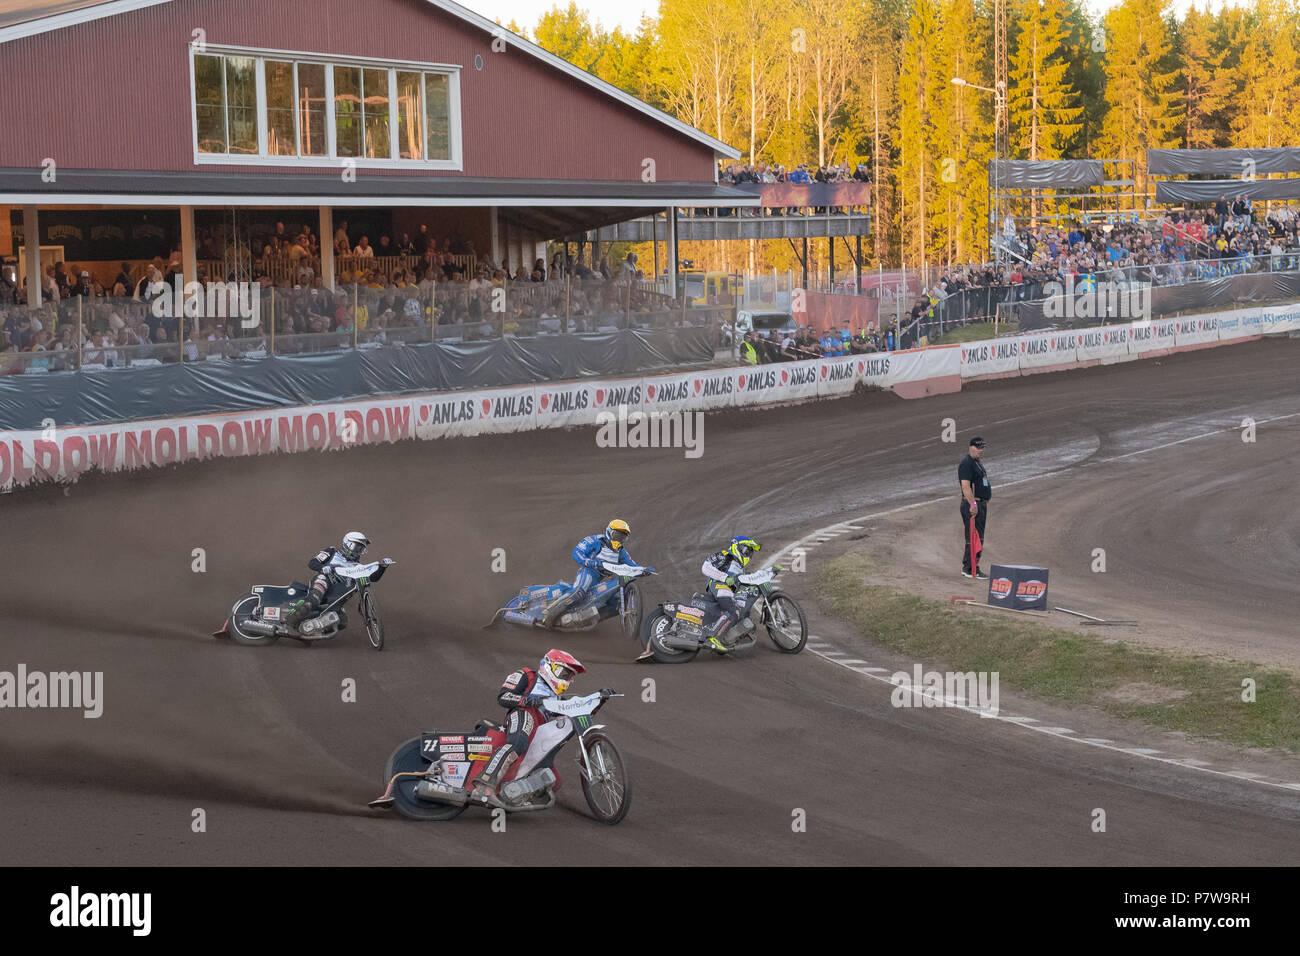 Hallstavik, Suecia. El 7 de julio de 2018. Final en la FIM Speedway Grand Prix en HZ Hallstavik Bygg en arena. Crédito: Stefan Holm/Alamy Live News Imagen De Stock